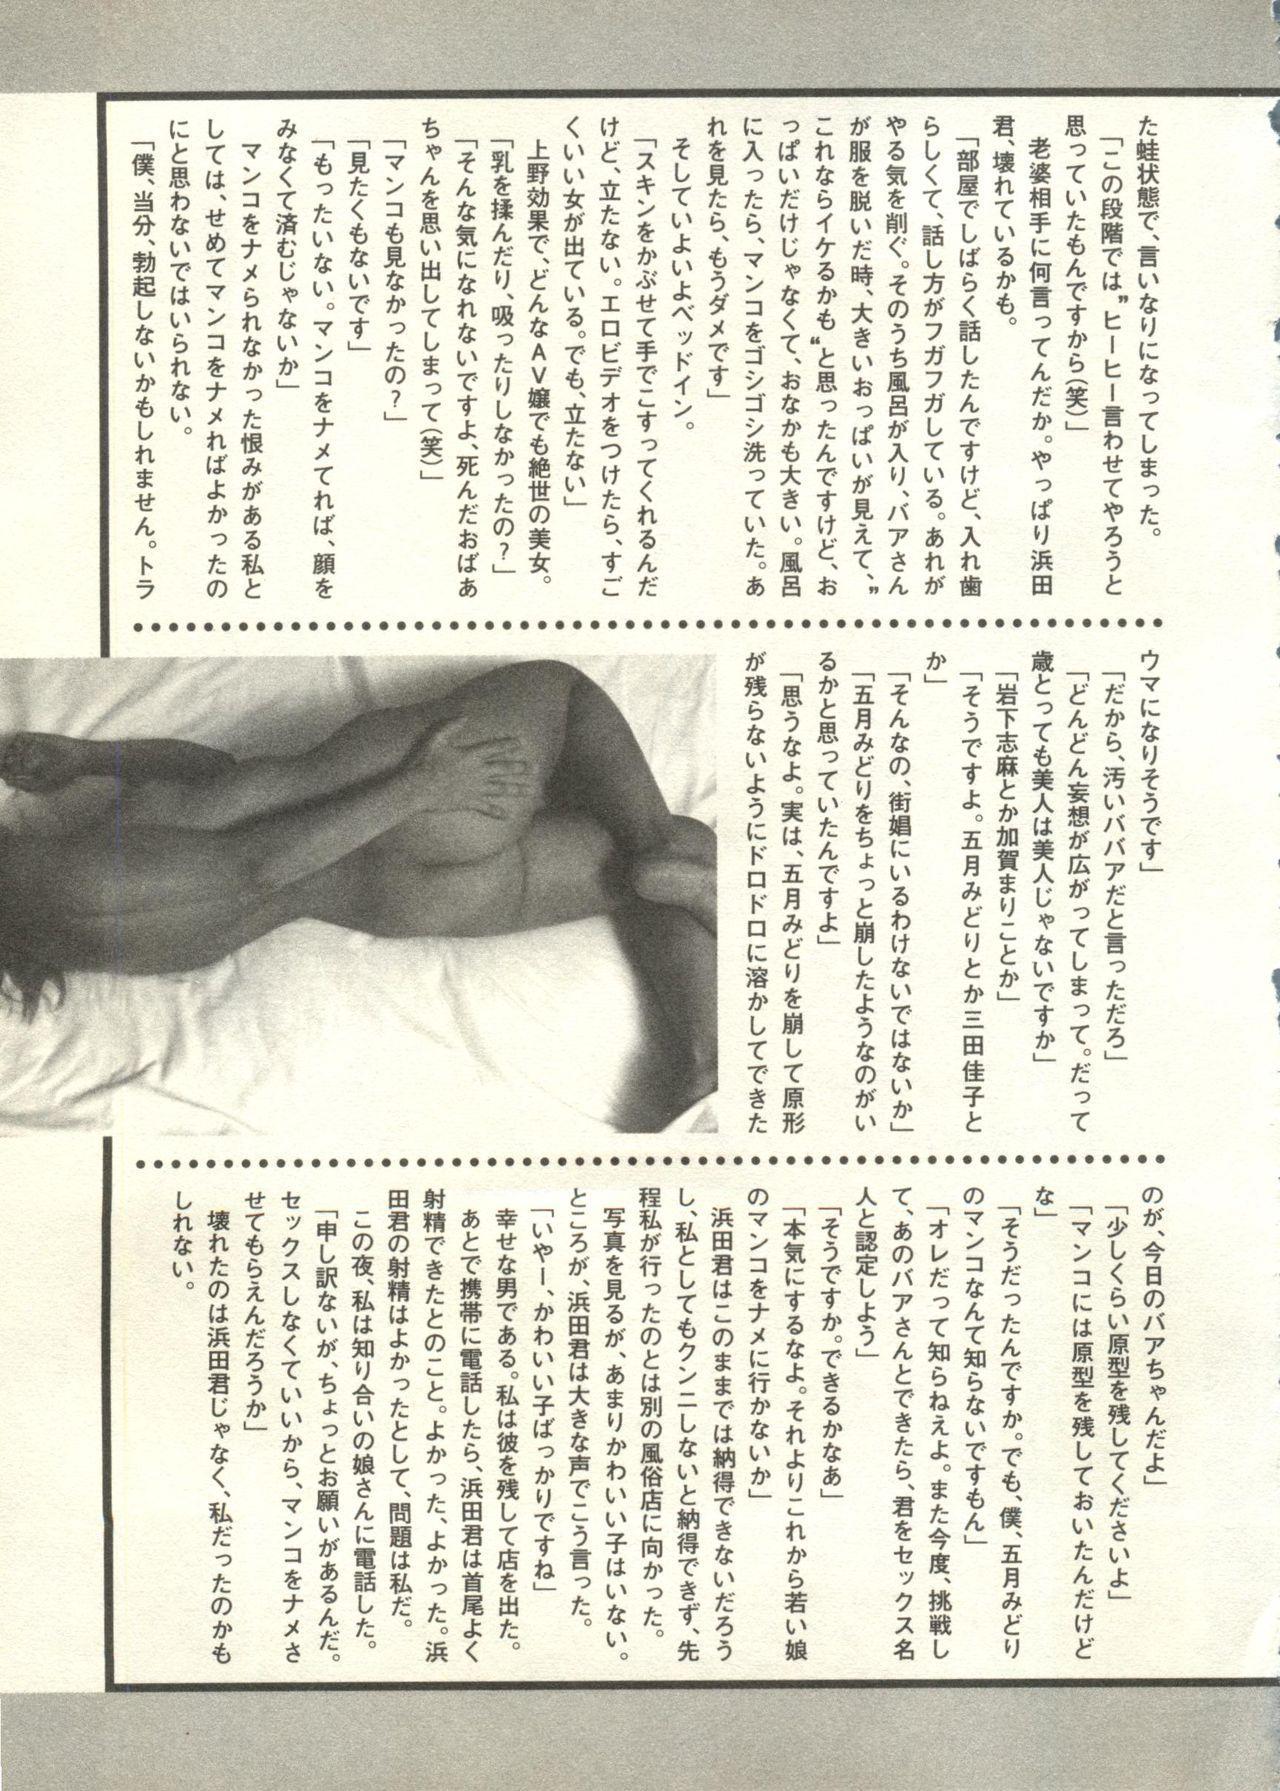 Pai;kuu 1998 July Vol. 11 197